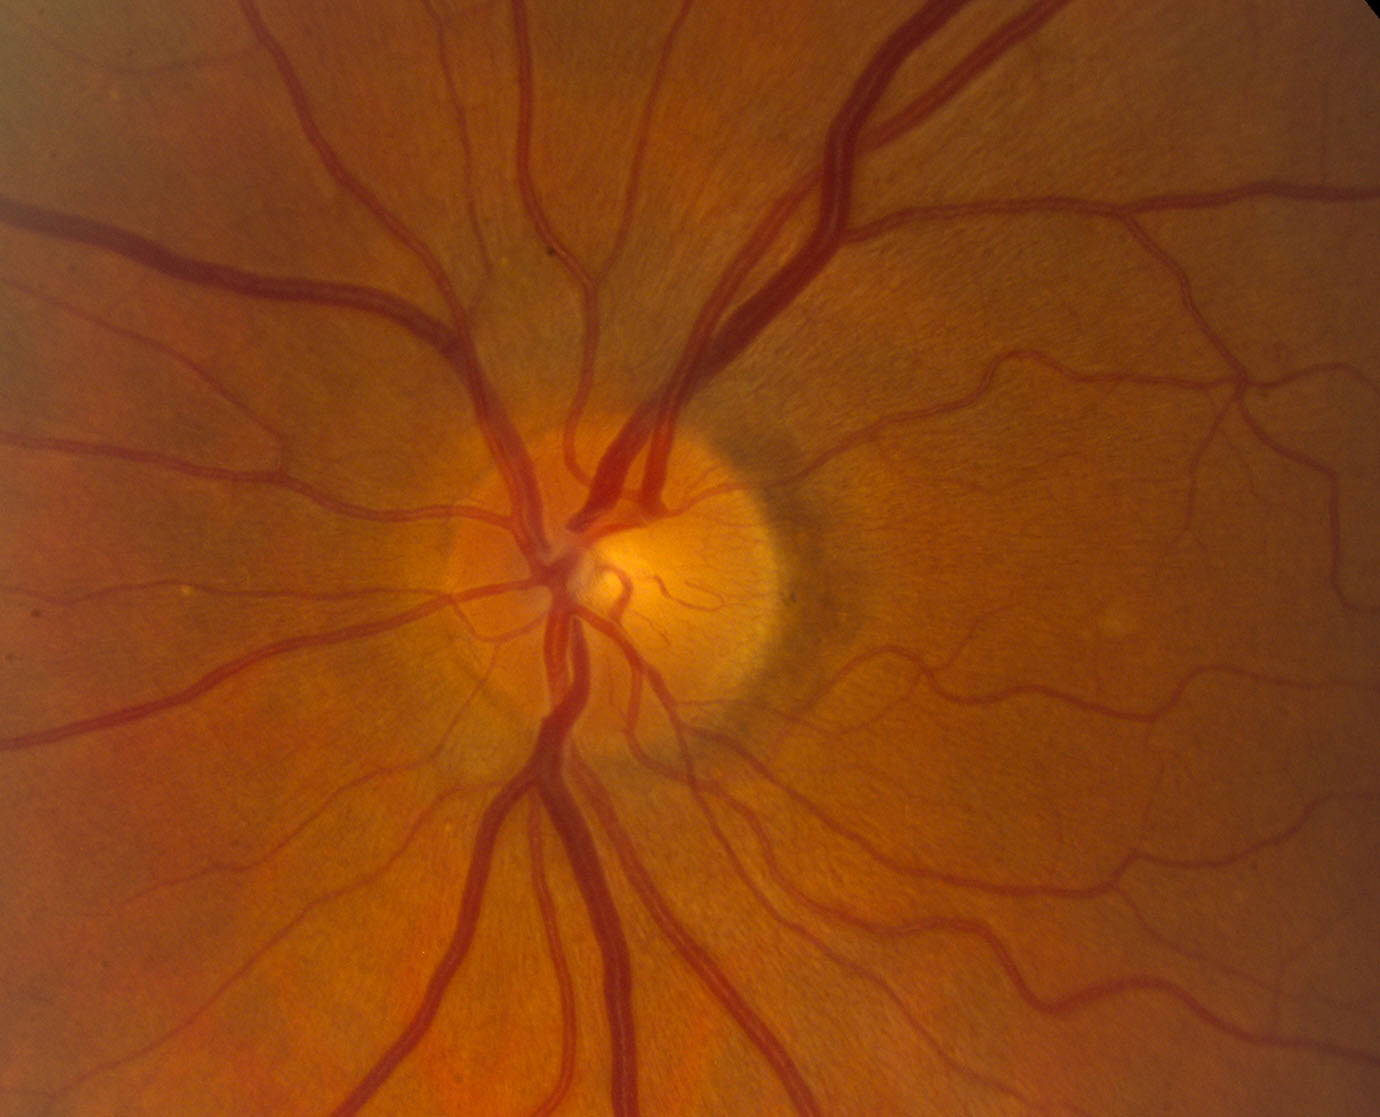 Image result for normal optic nerve vs papilledema